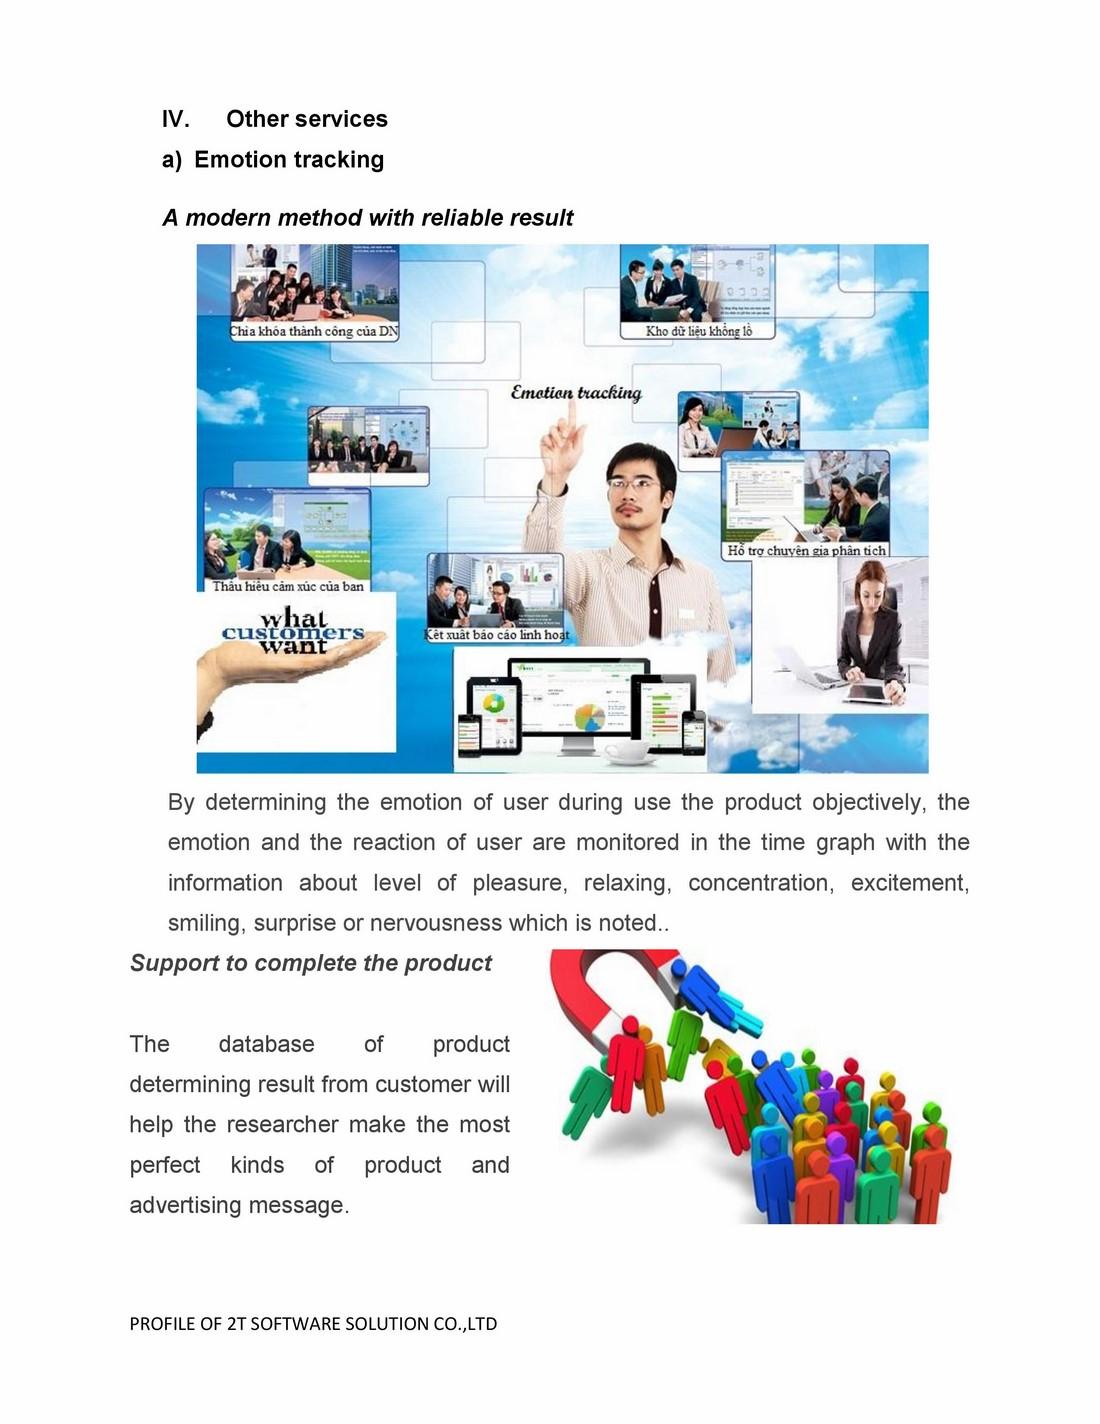 2TS Profile_eng-page-026 (Copy)